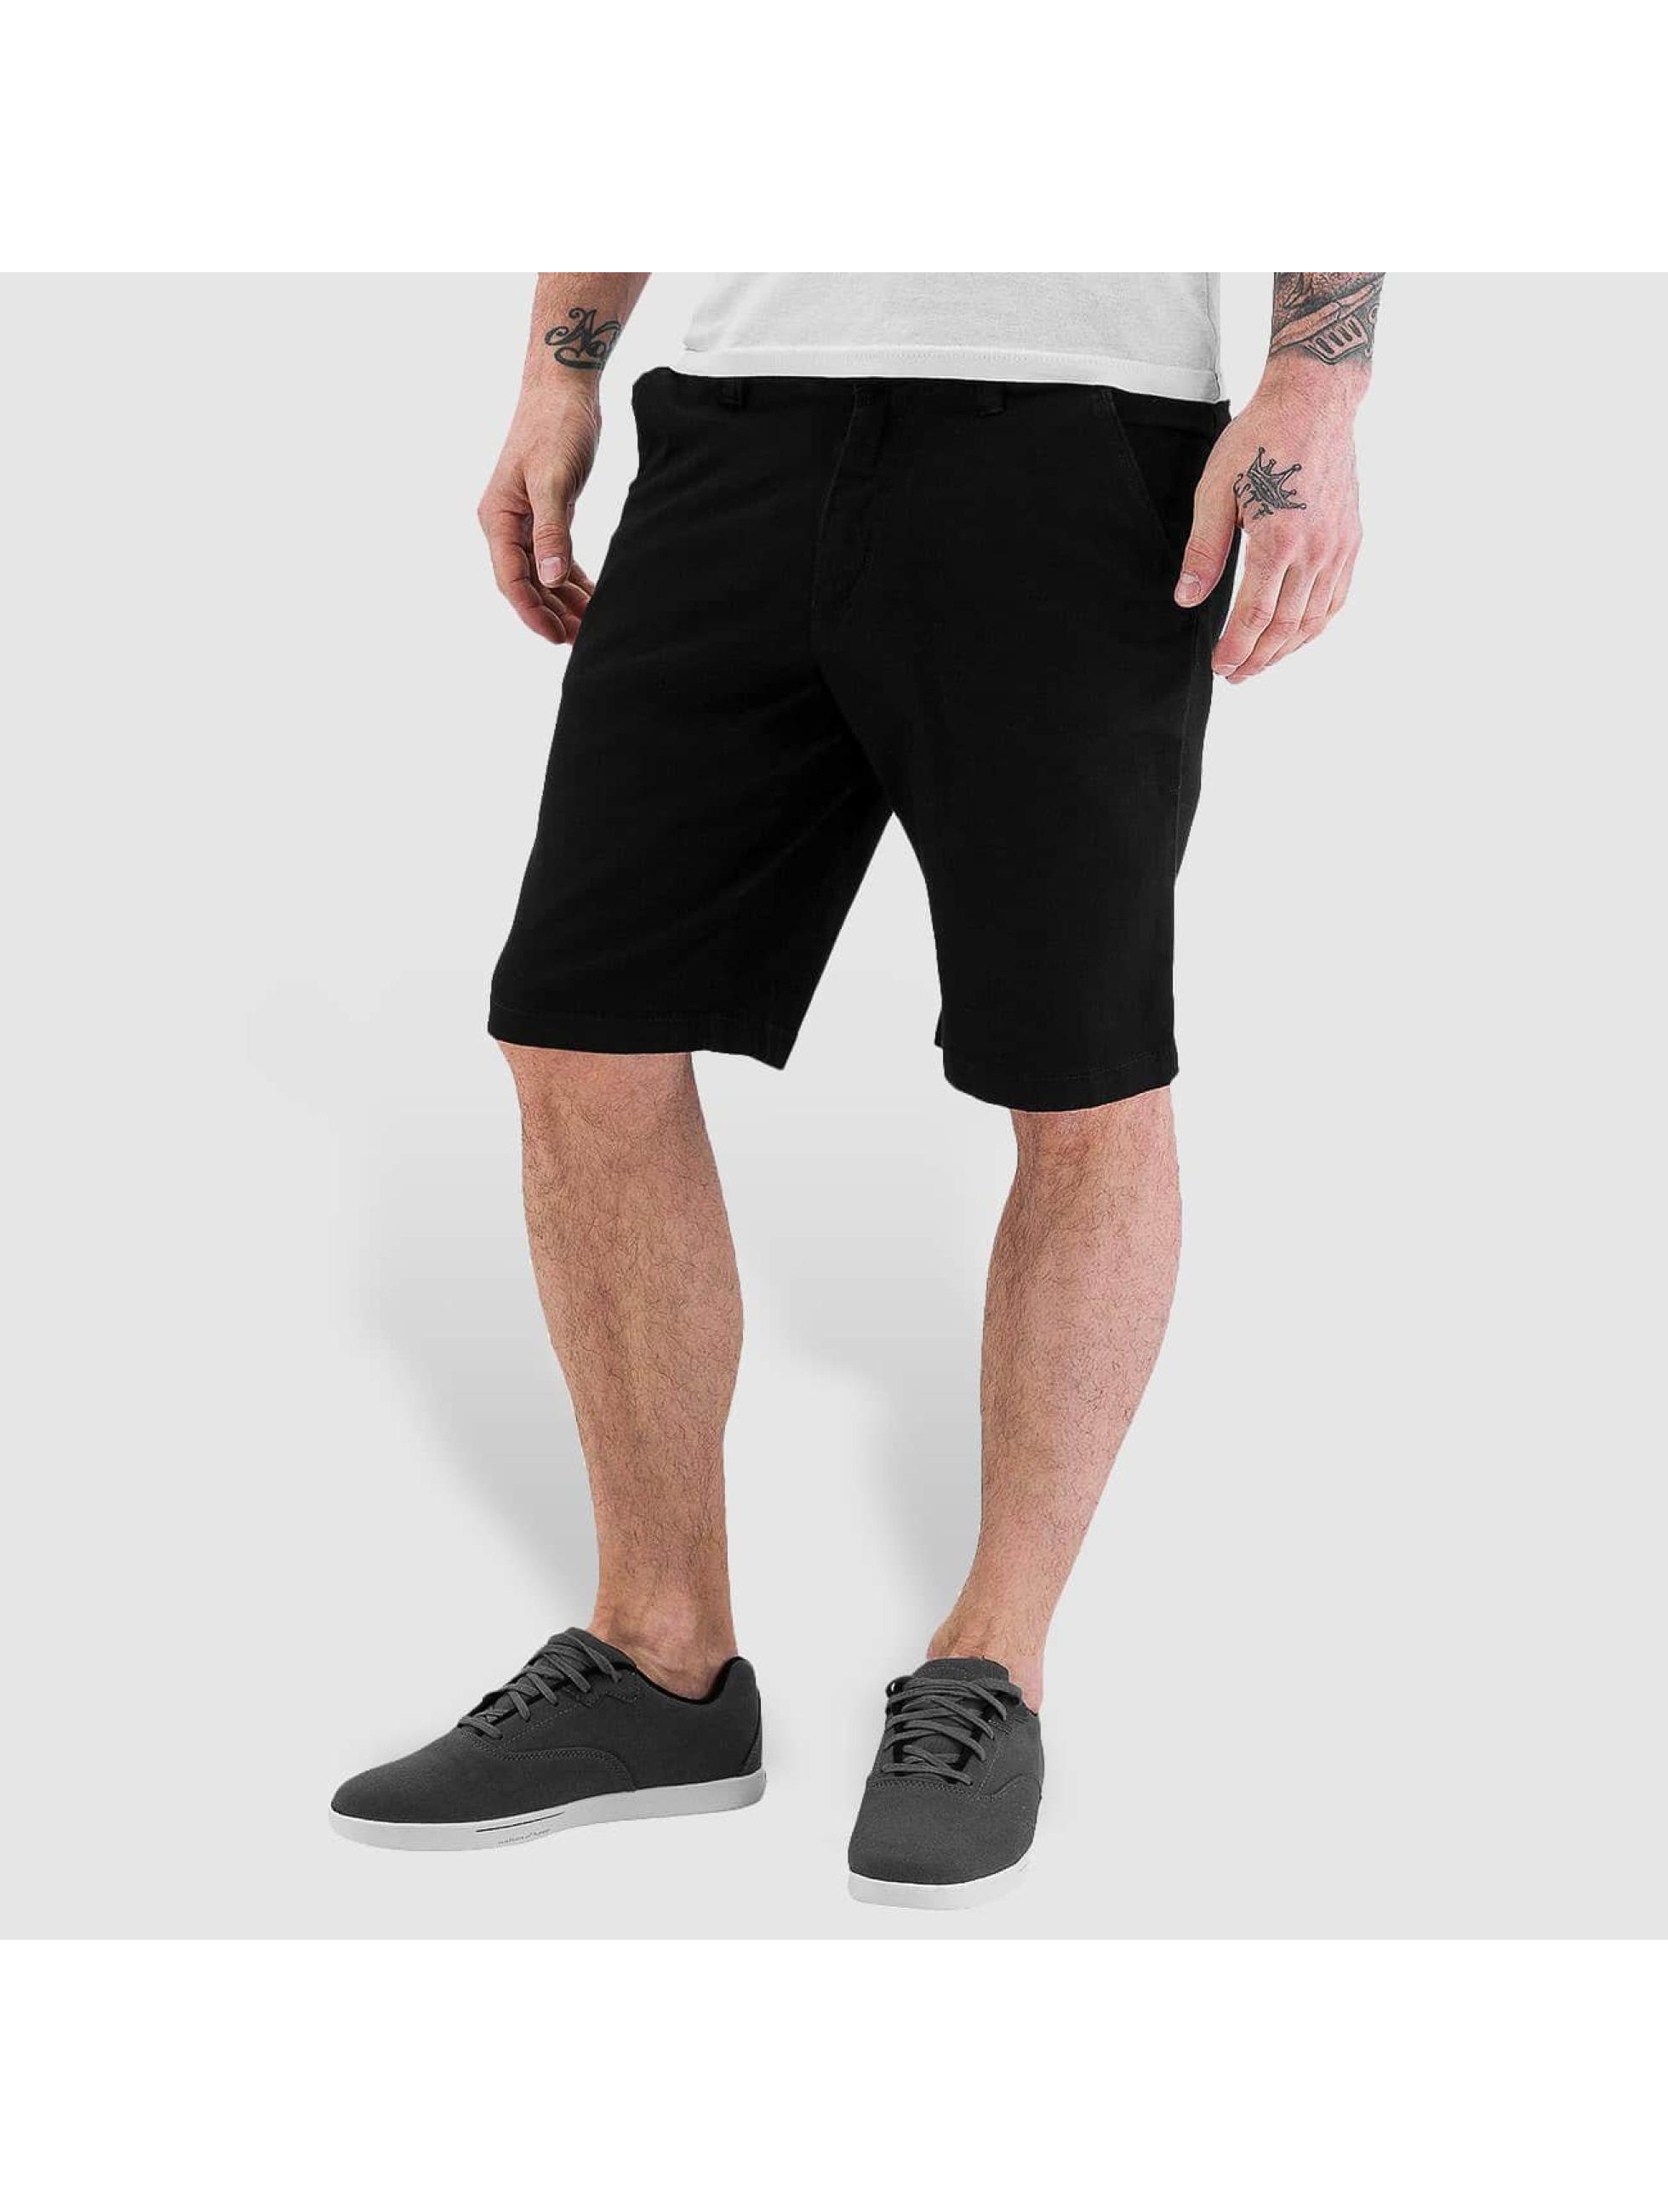 Reell Jeans Shorts Flex Grip Chino schwarz